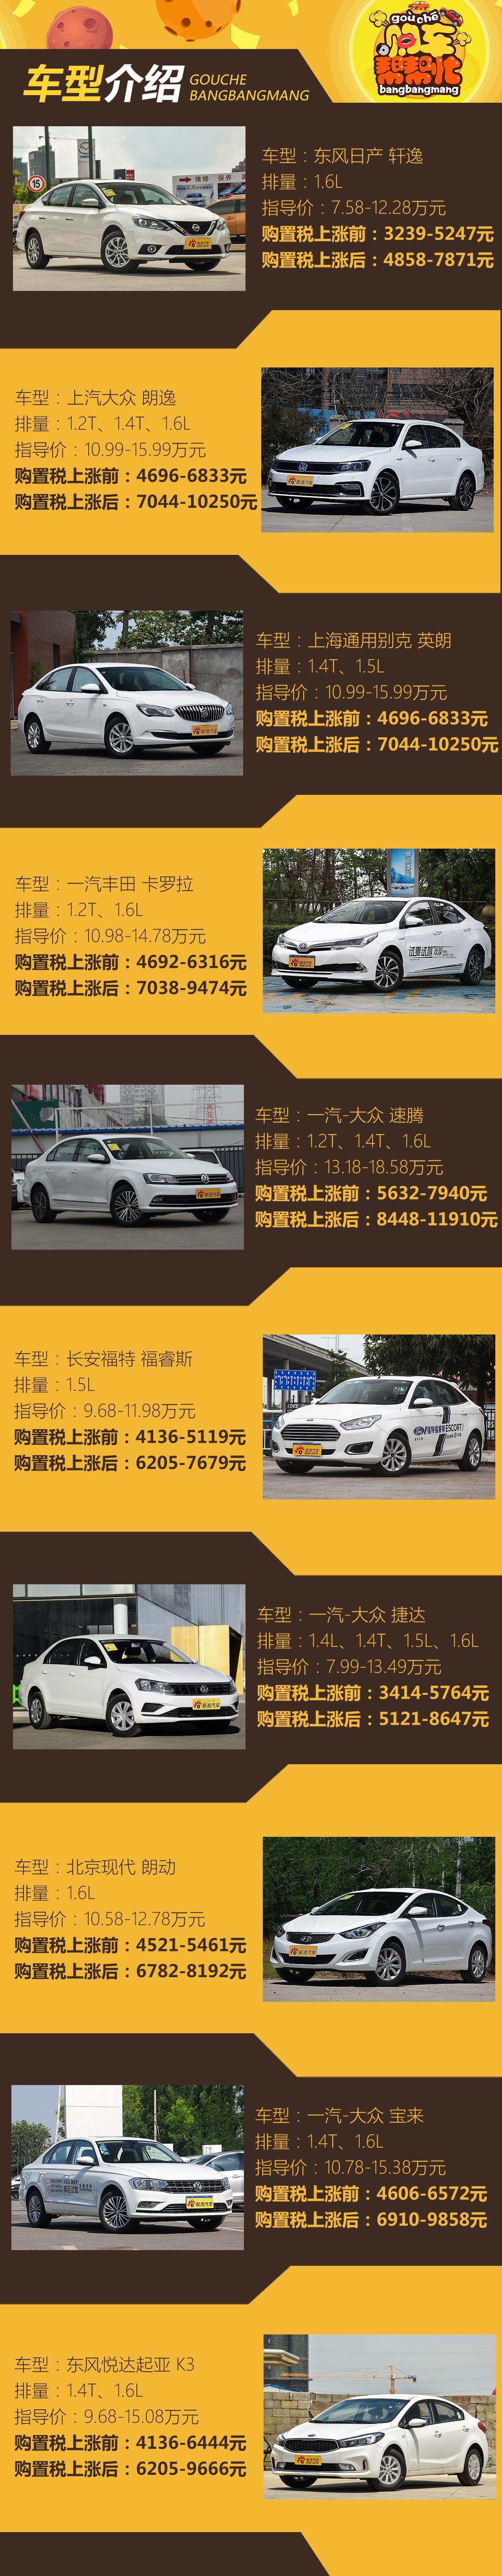 购车帮帮忙 明年买这些车得多花多少钱?